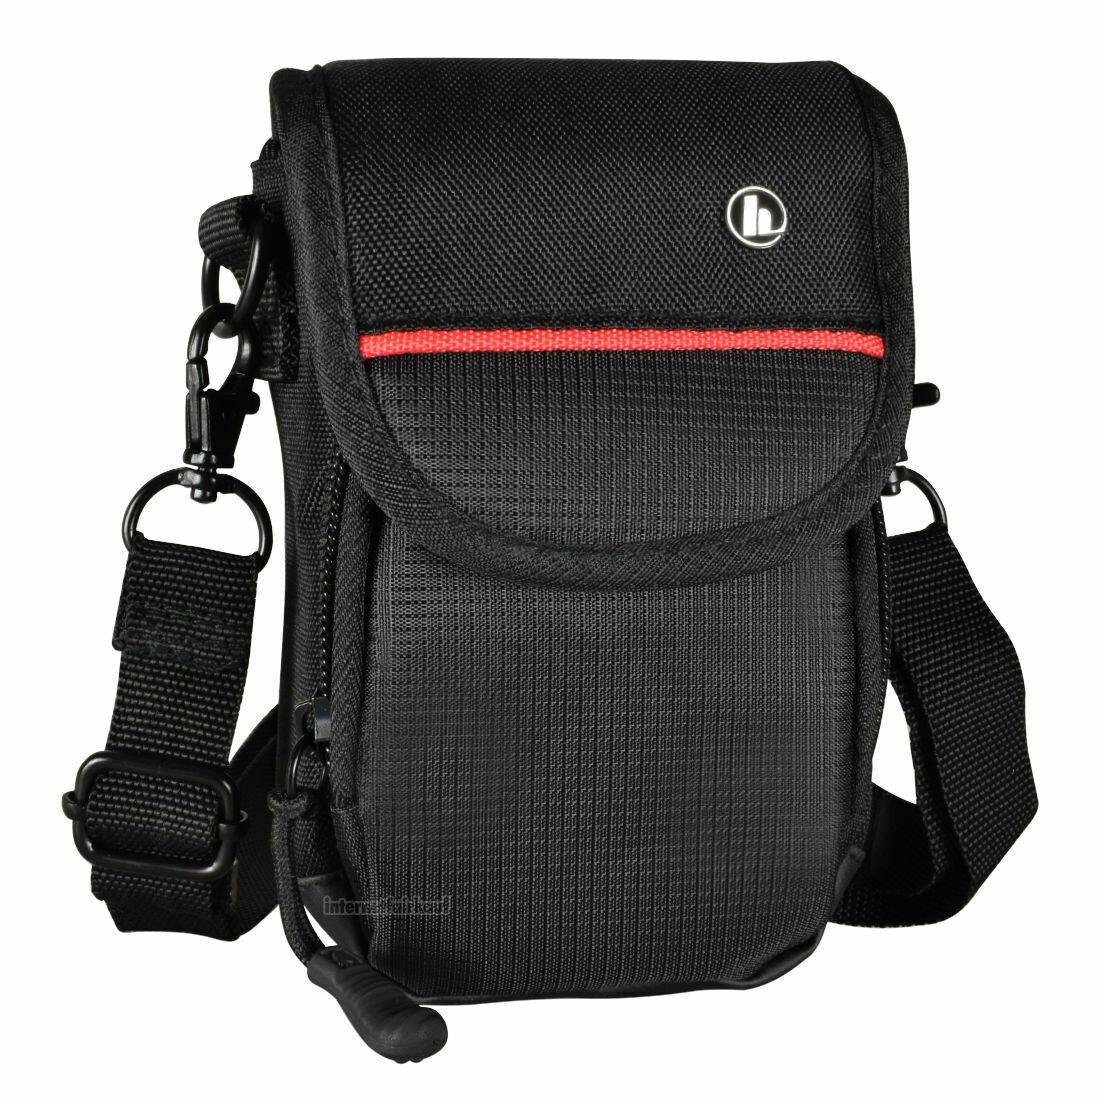 Kameratasche passend für Leica D-Lux 6 - Fototasche